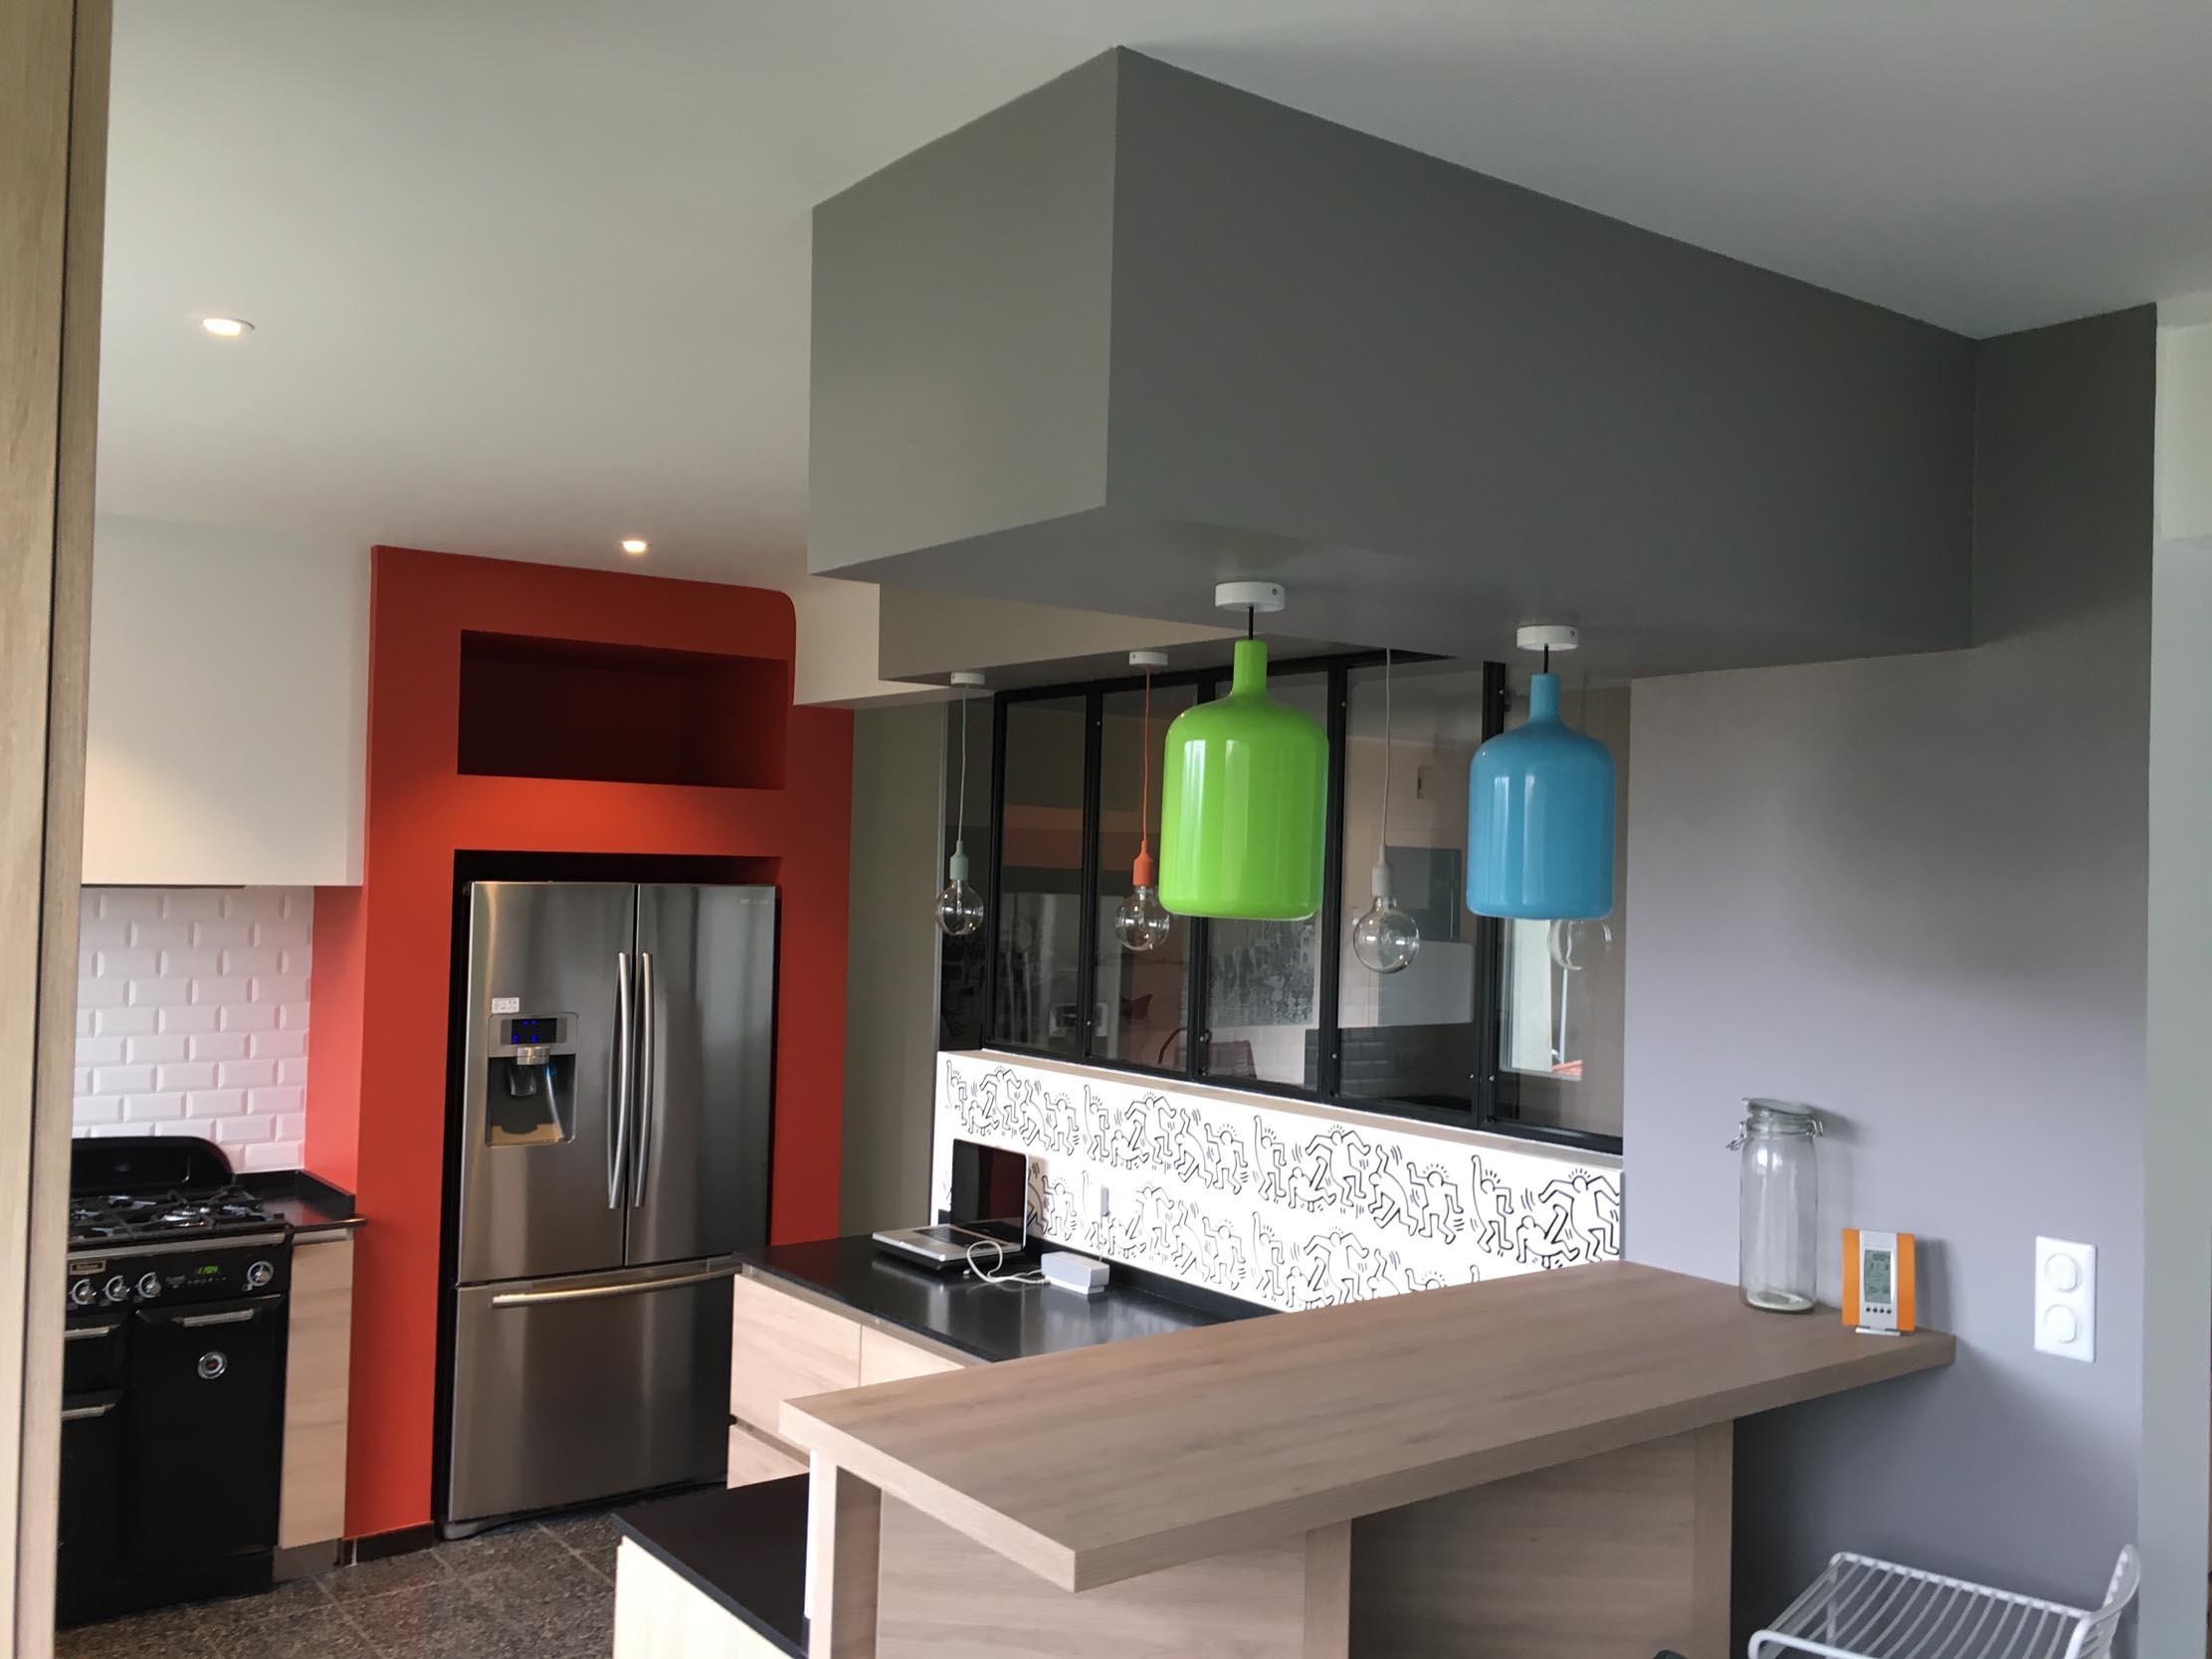 deco maison de famille chic. Black Bedroom Furniture Sets. Home Design Ideas